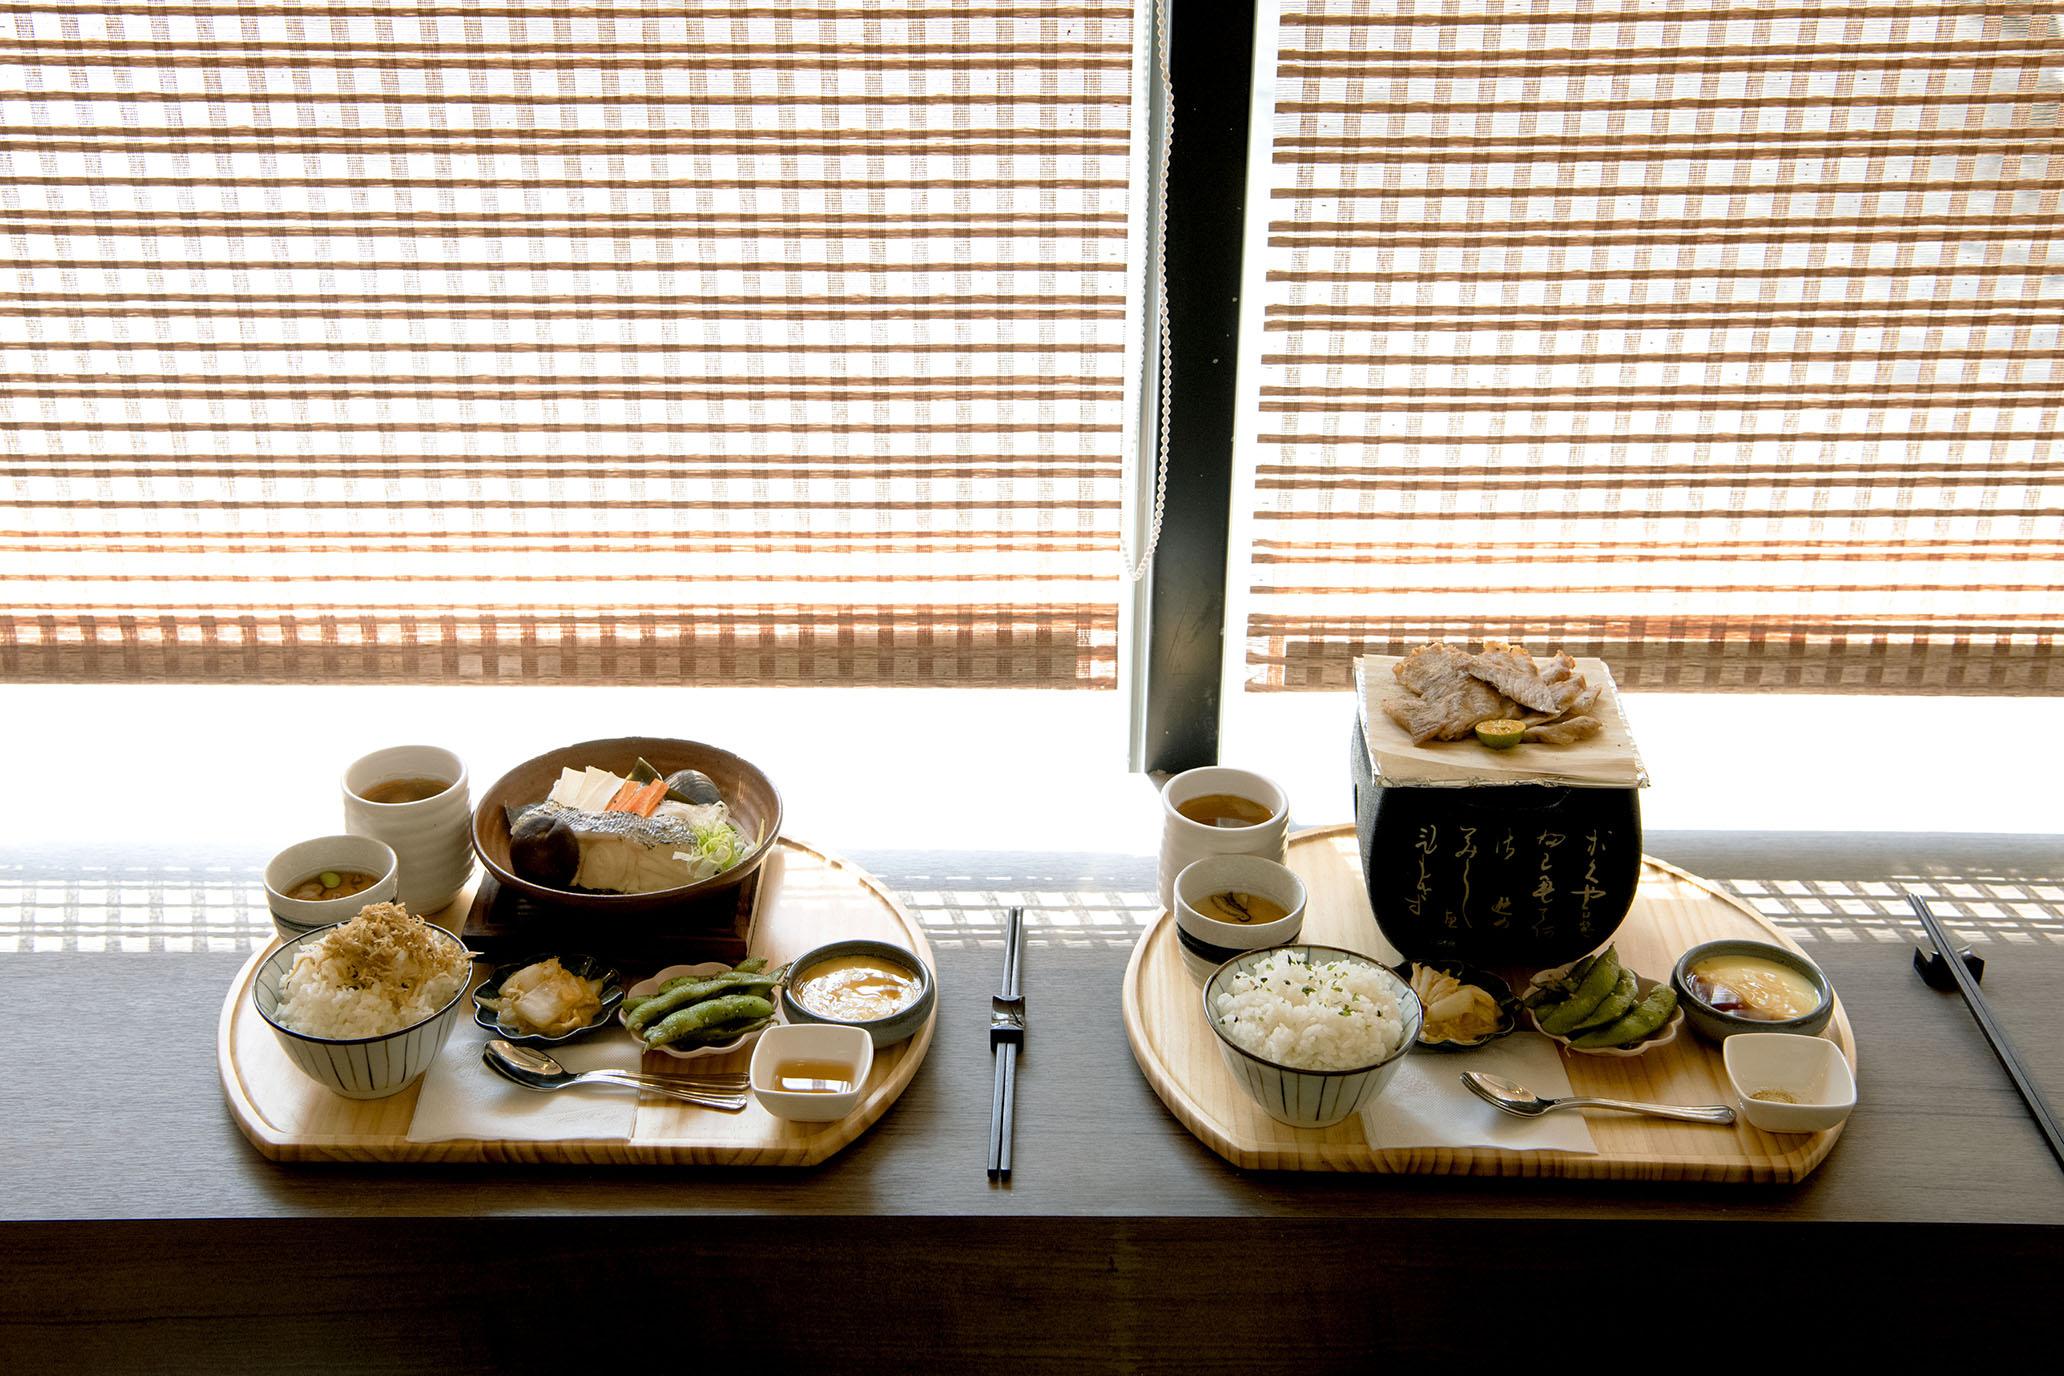 網站近期文章:台北日式定食,17種主餐任君挑選|町食 就是定食